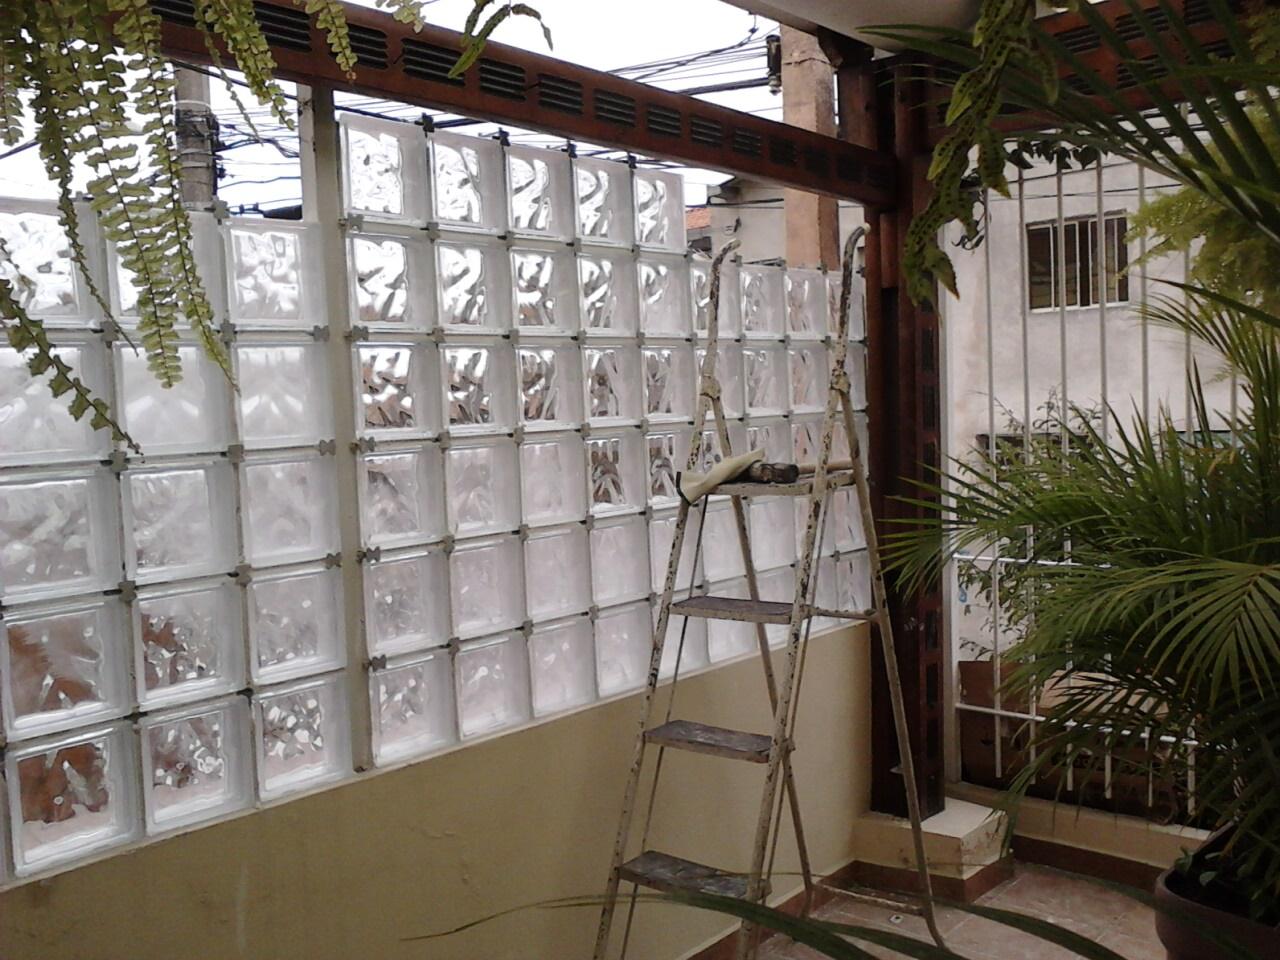 #2C2417 Parede de bloco de Vidro Casa & Conforto 1280x960 px Banheiro Decorado Com Bloco De Vidro 3649